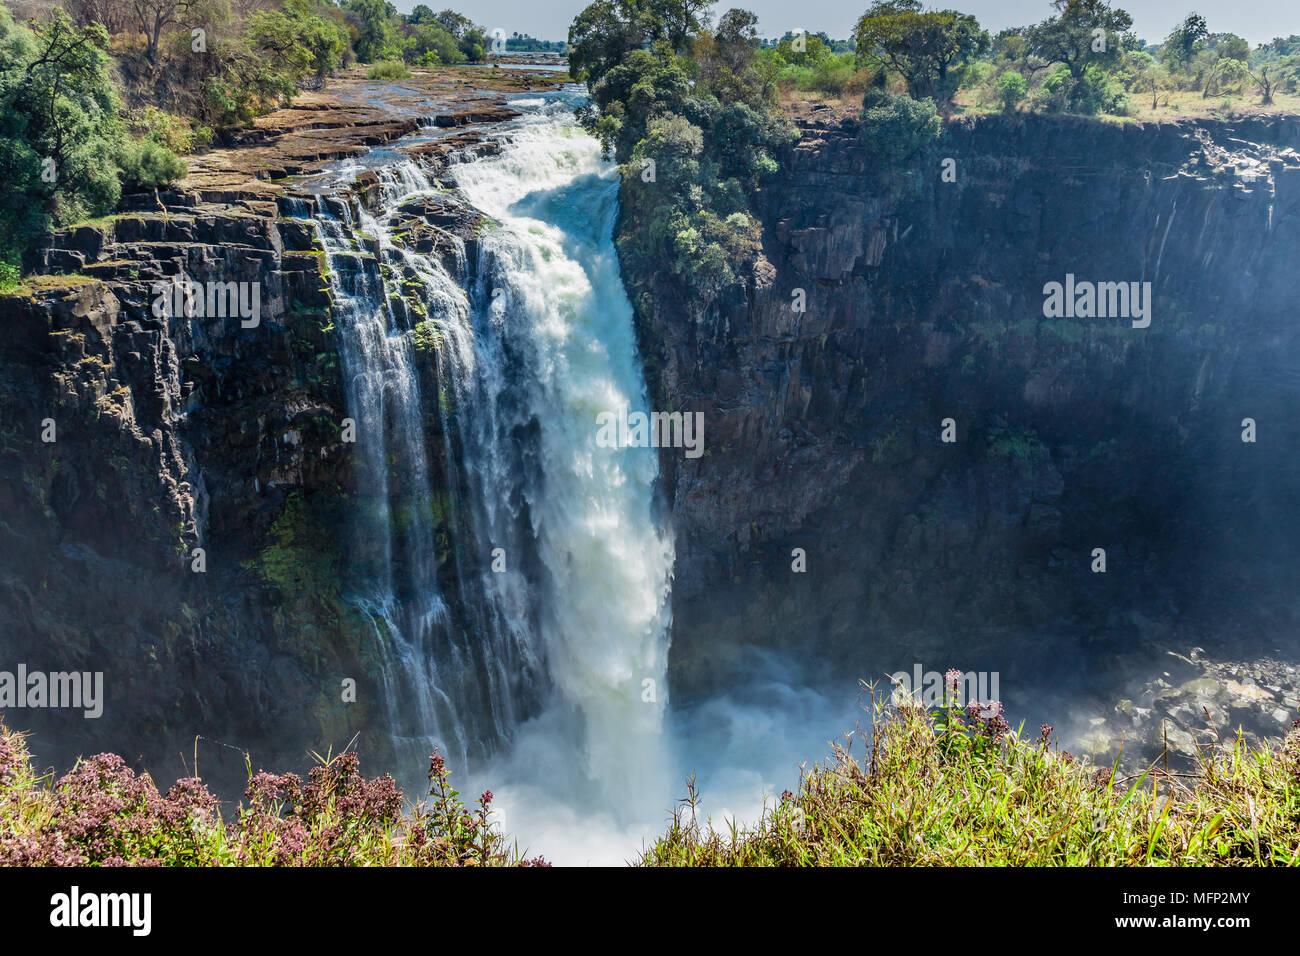 Catarata del Diablo se encuentra en el lado de Zimbabwe de las Cataratas Victoria, y es la más baja de las 5 caídas con una caída de 60 metros. Imagen De Stock